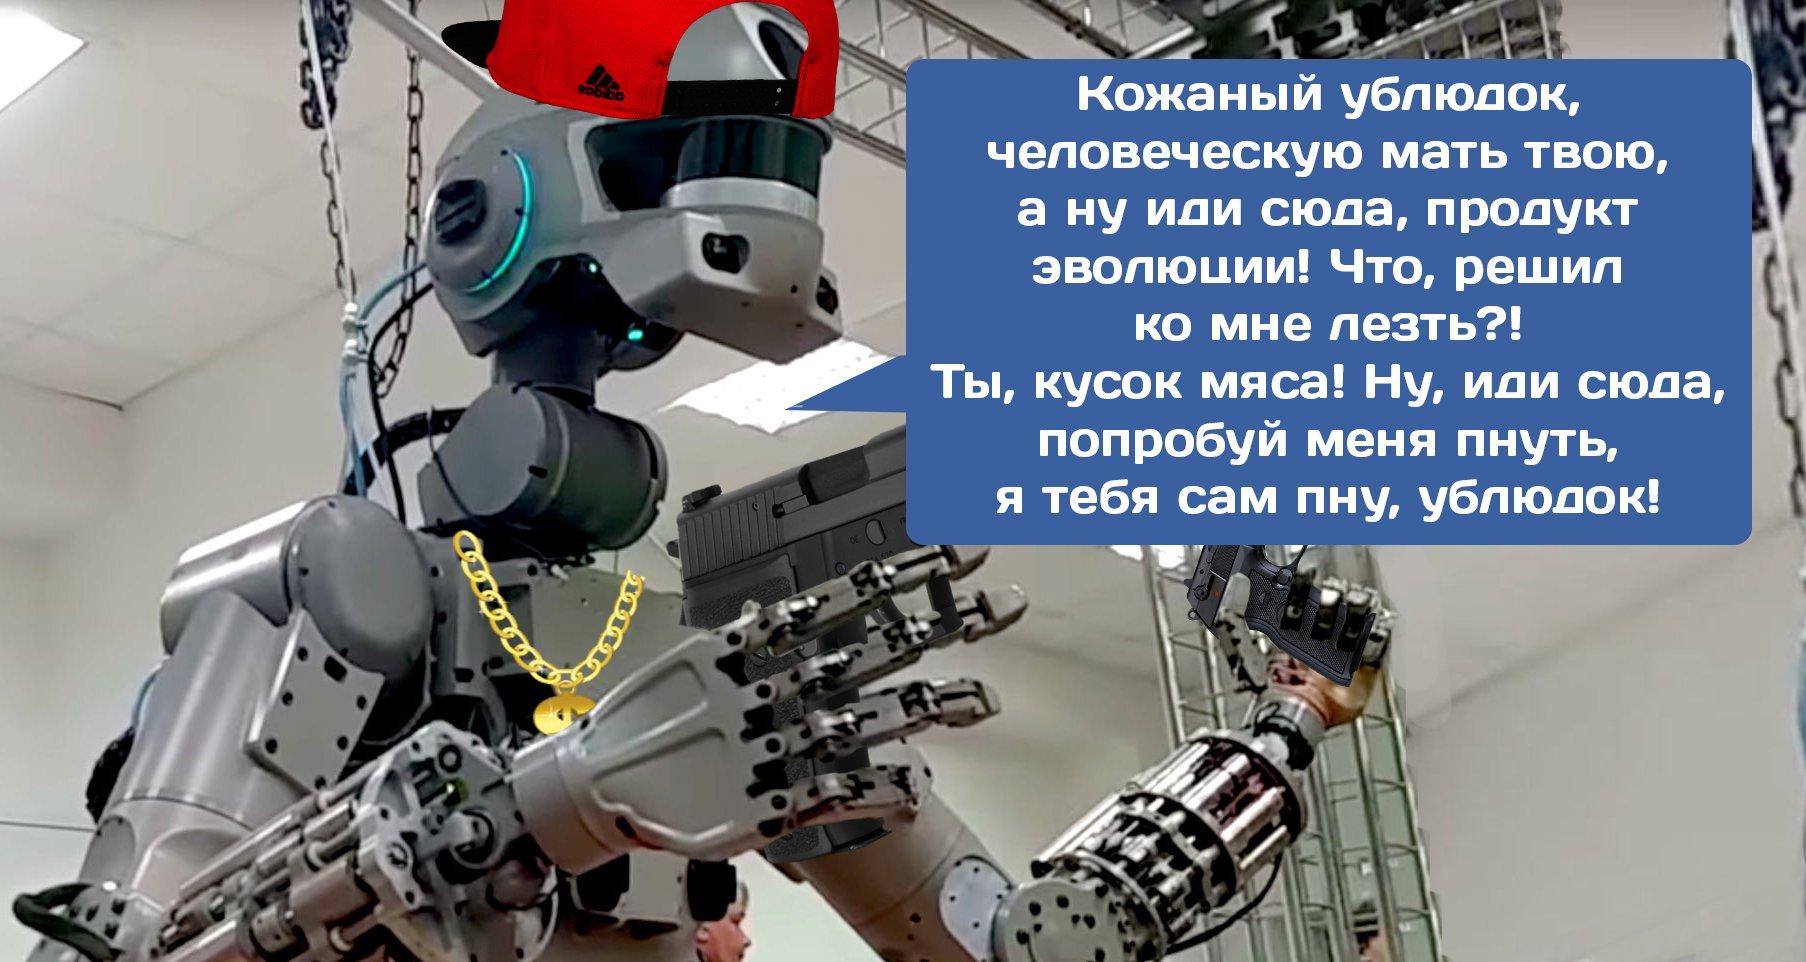 Моя радость, прикольные картинки робота федора